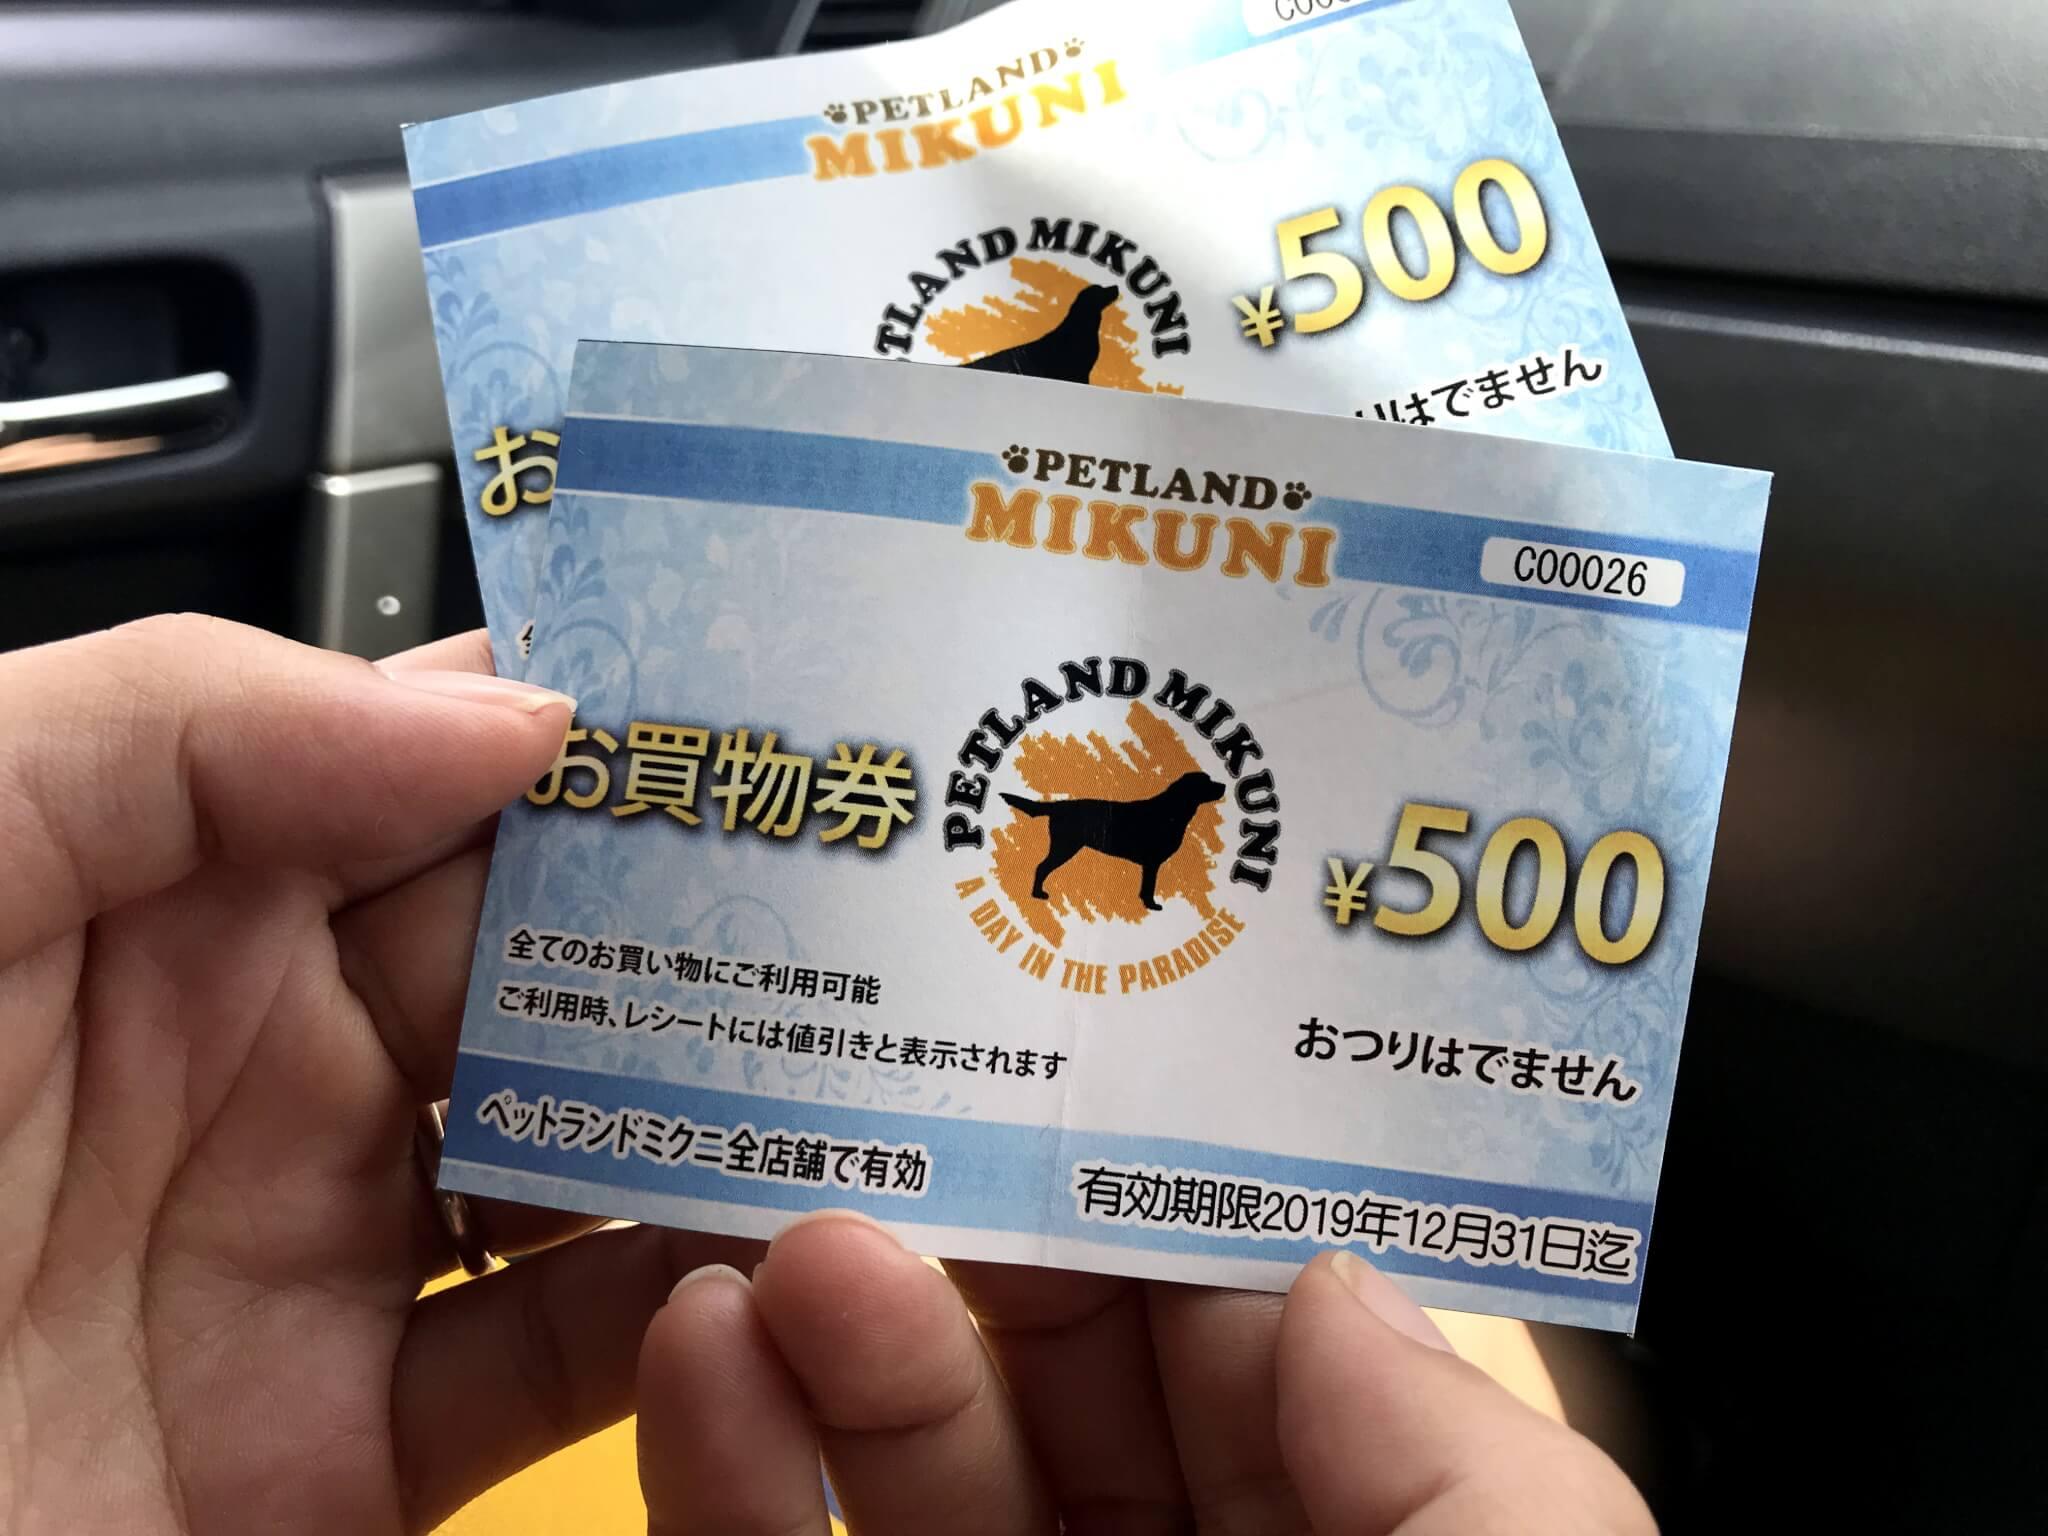 ペットランドミクニお買い物券 ¥500